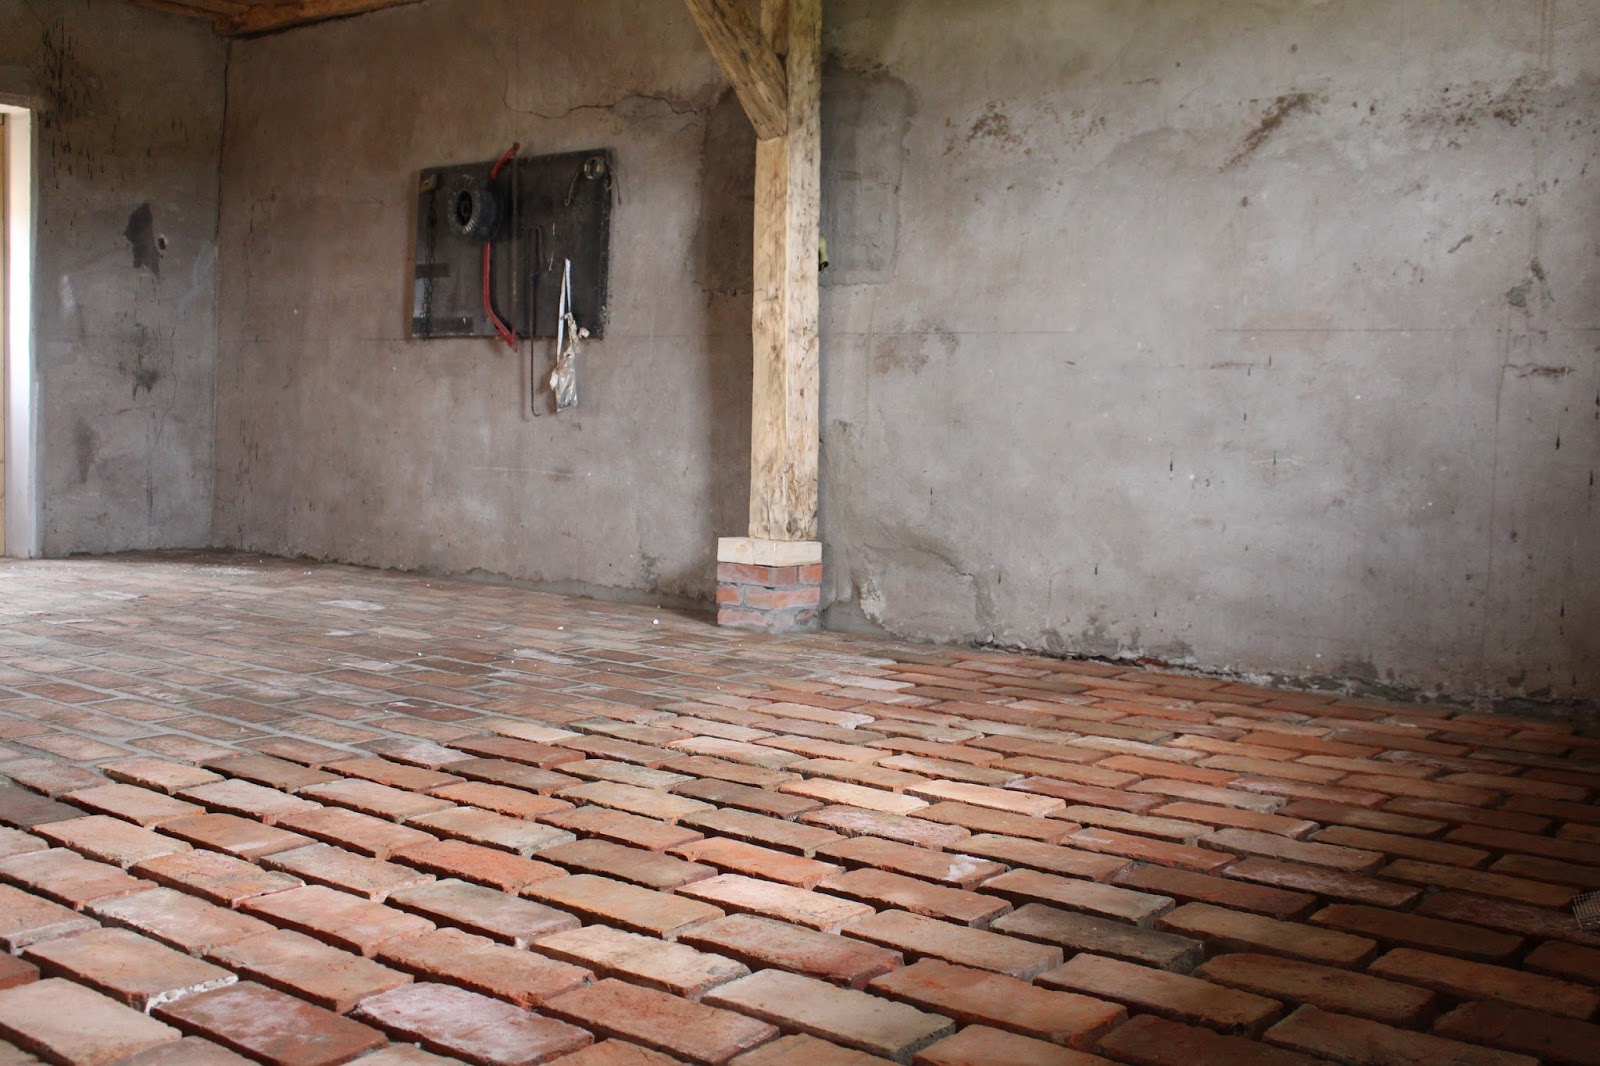 Aktualne Siedlisko na wzgórzu: Podłoga ze starych cegieł KI13